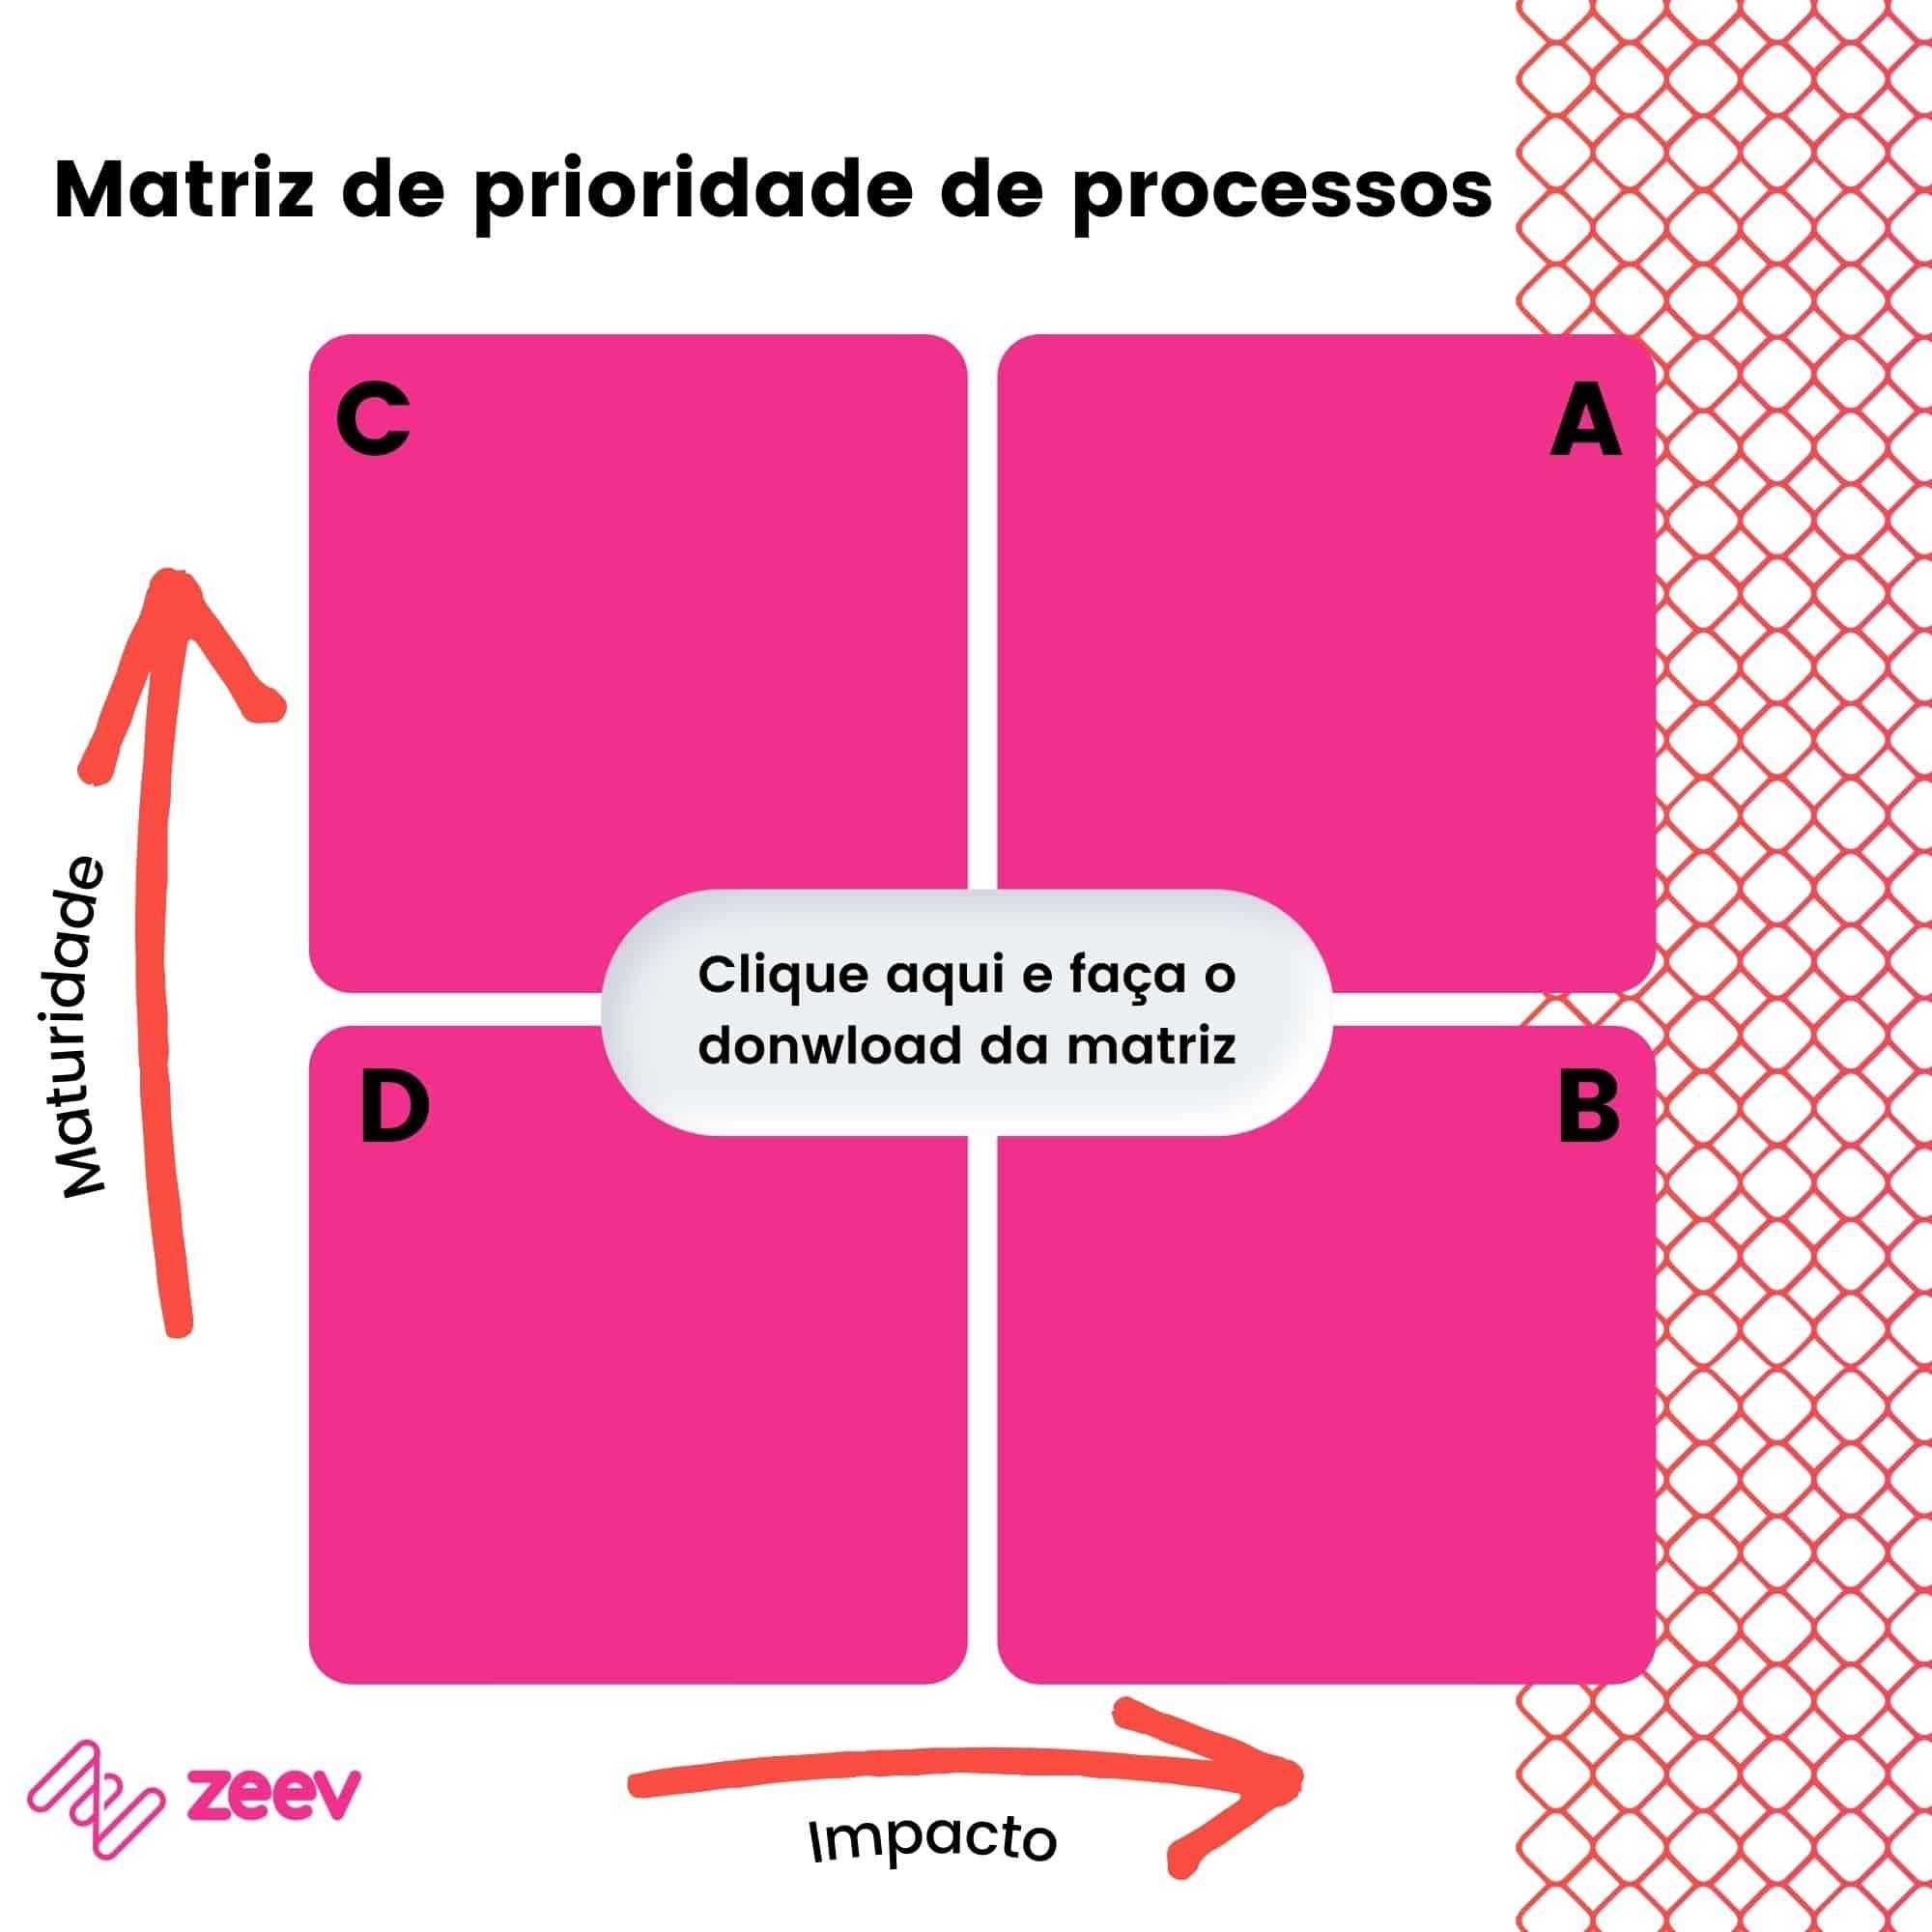 Matriz de prioridade de processos